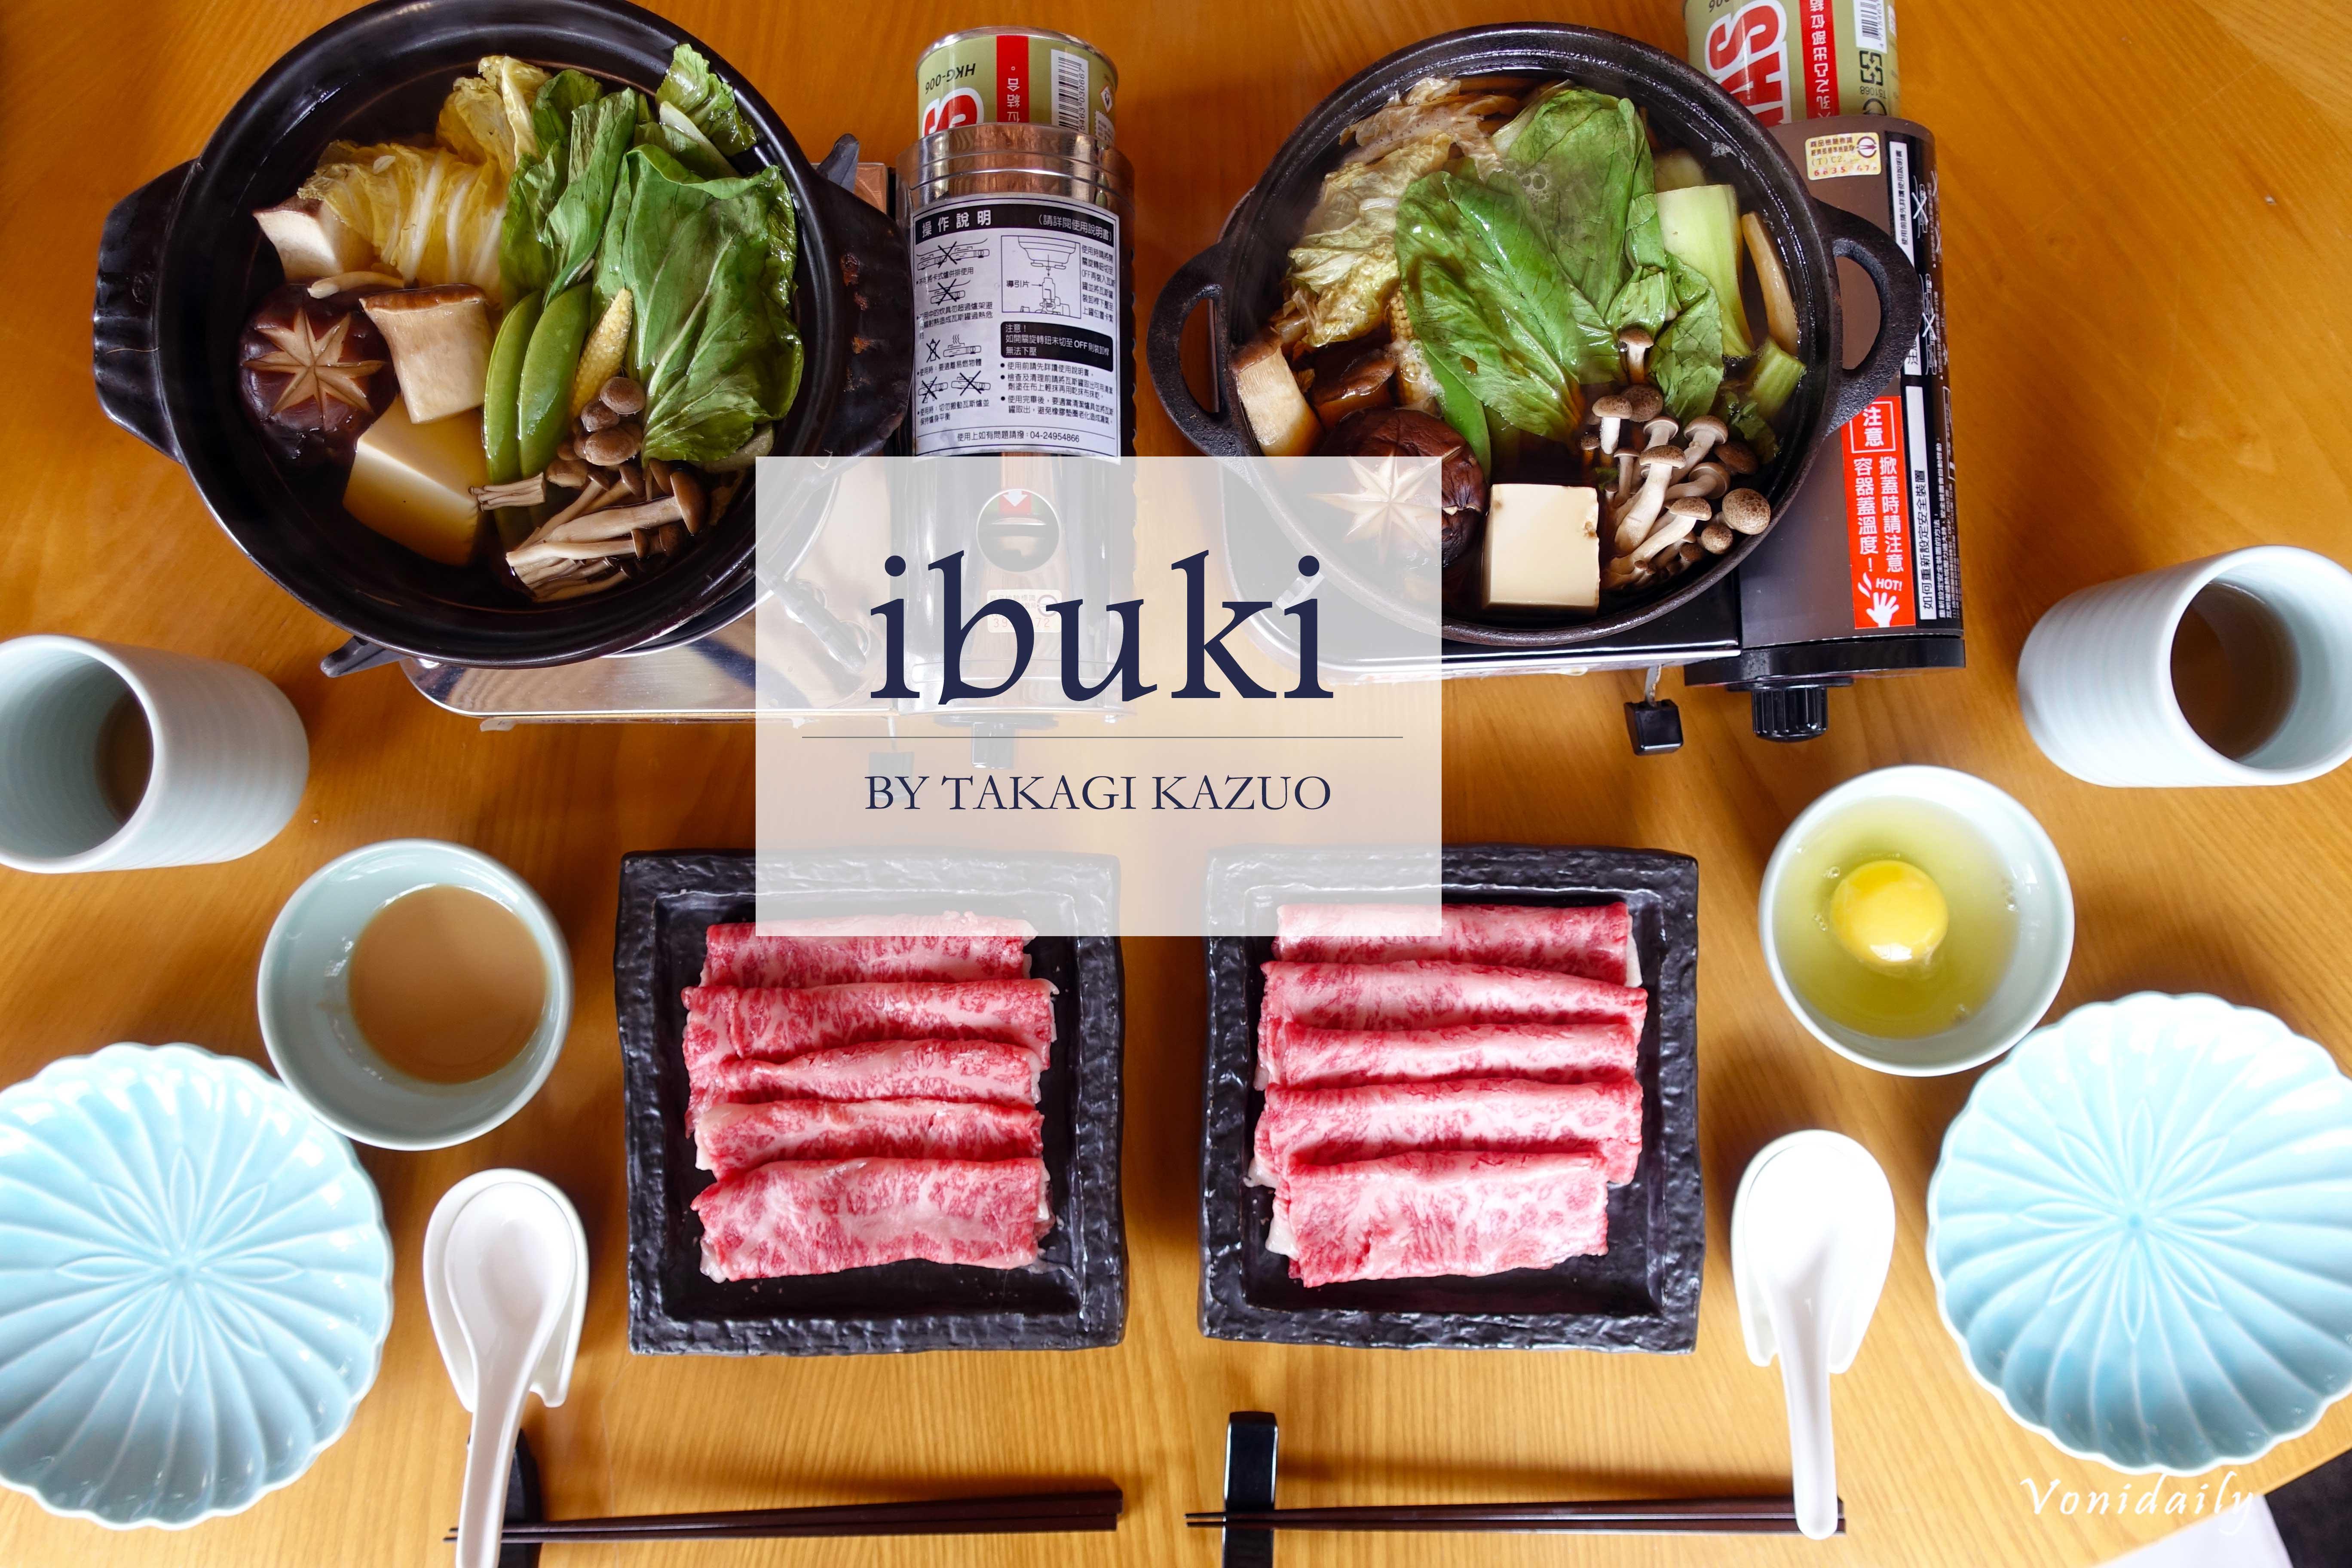 香格里拉遠東飯店 ibuki by TAKAGI KAZUO 冠軍黑毛和牛火鍋與壽喜燒~吃和牛不用飛日本!